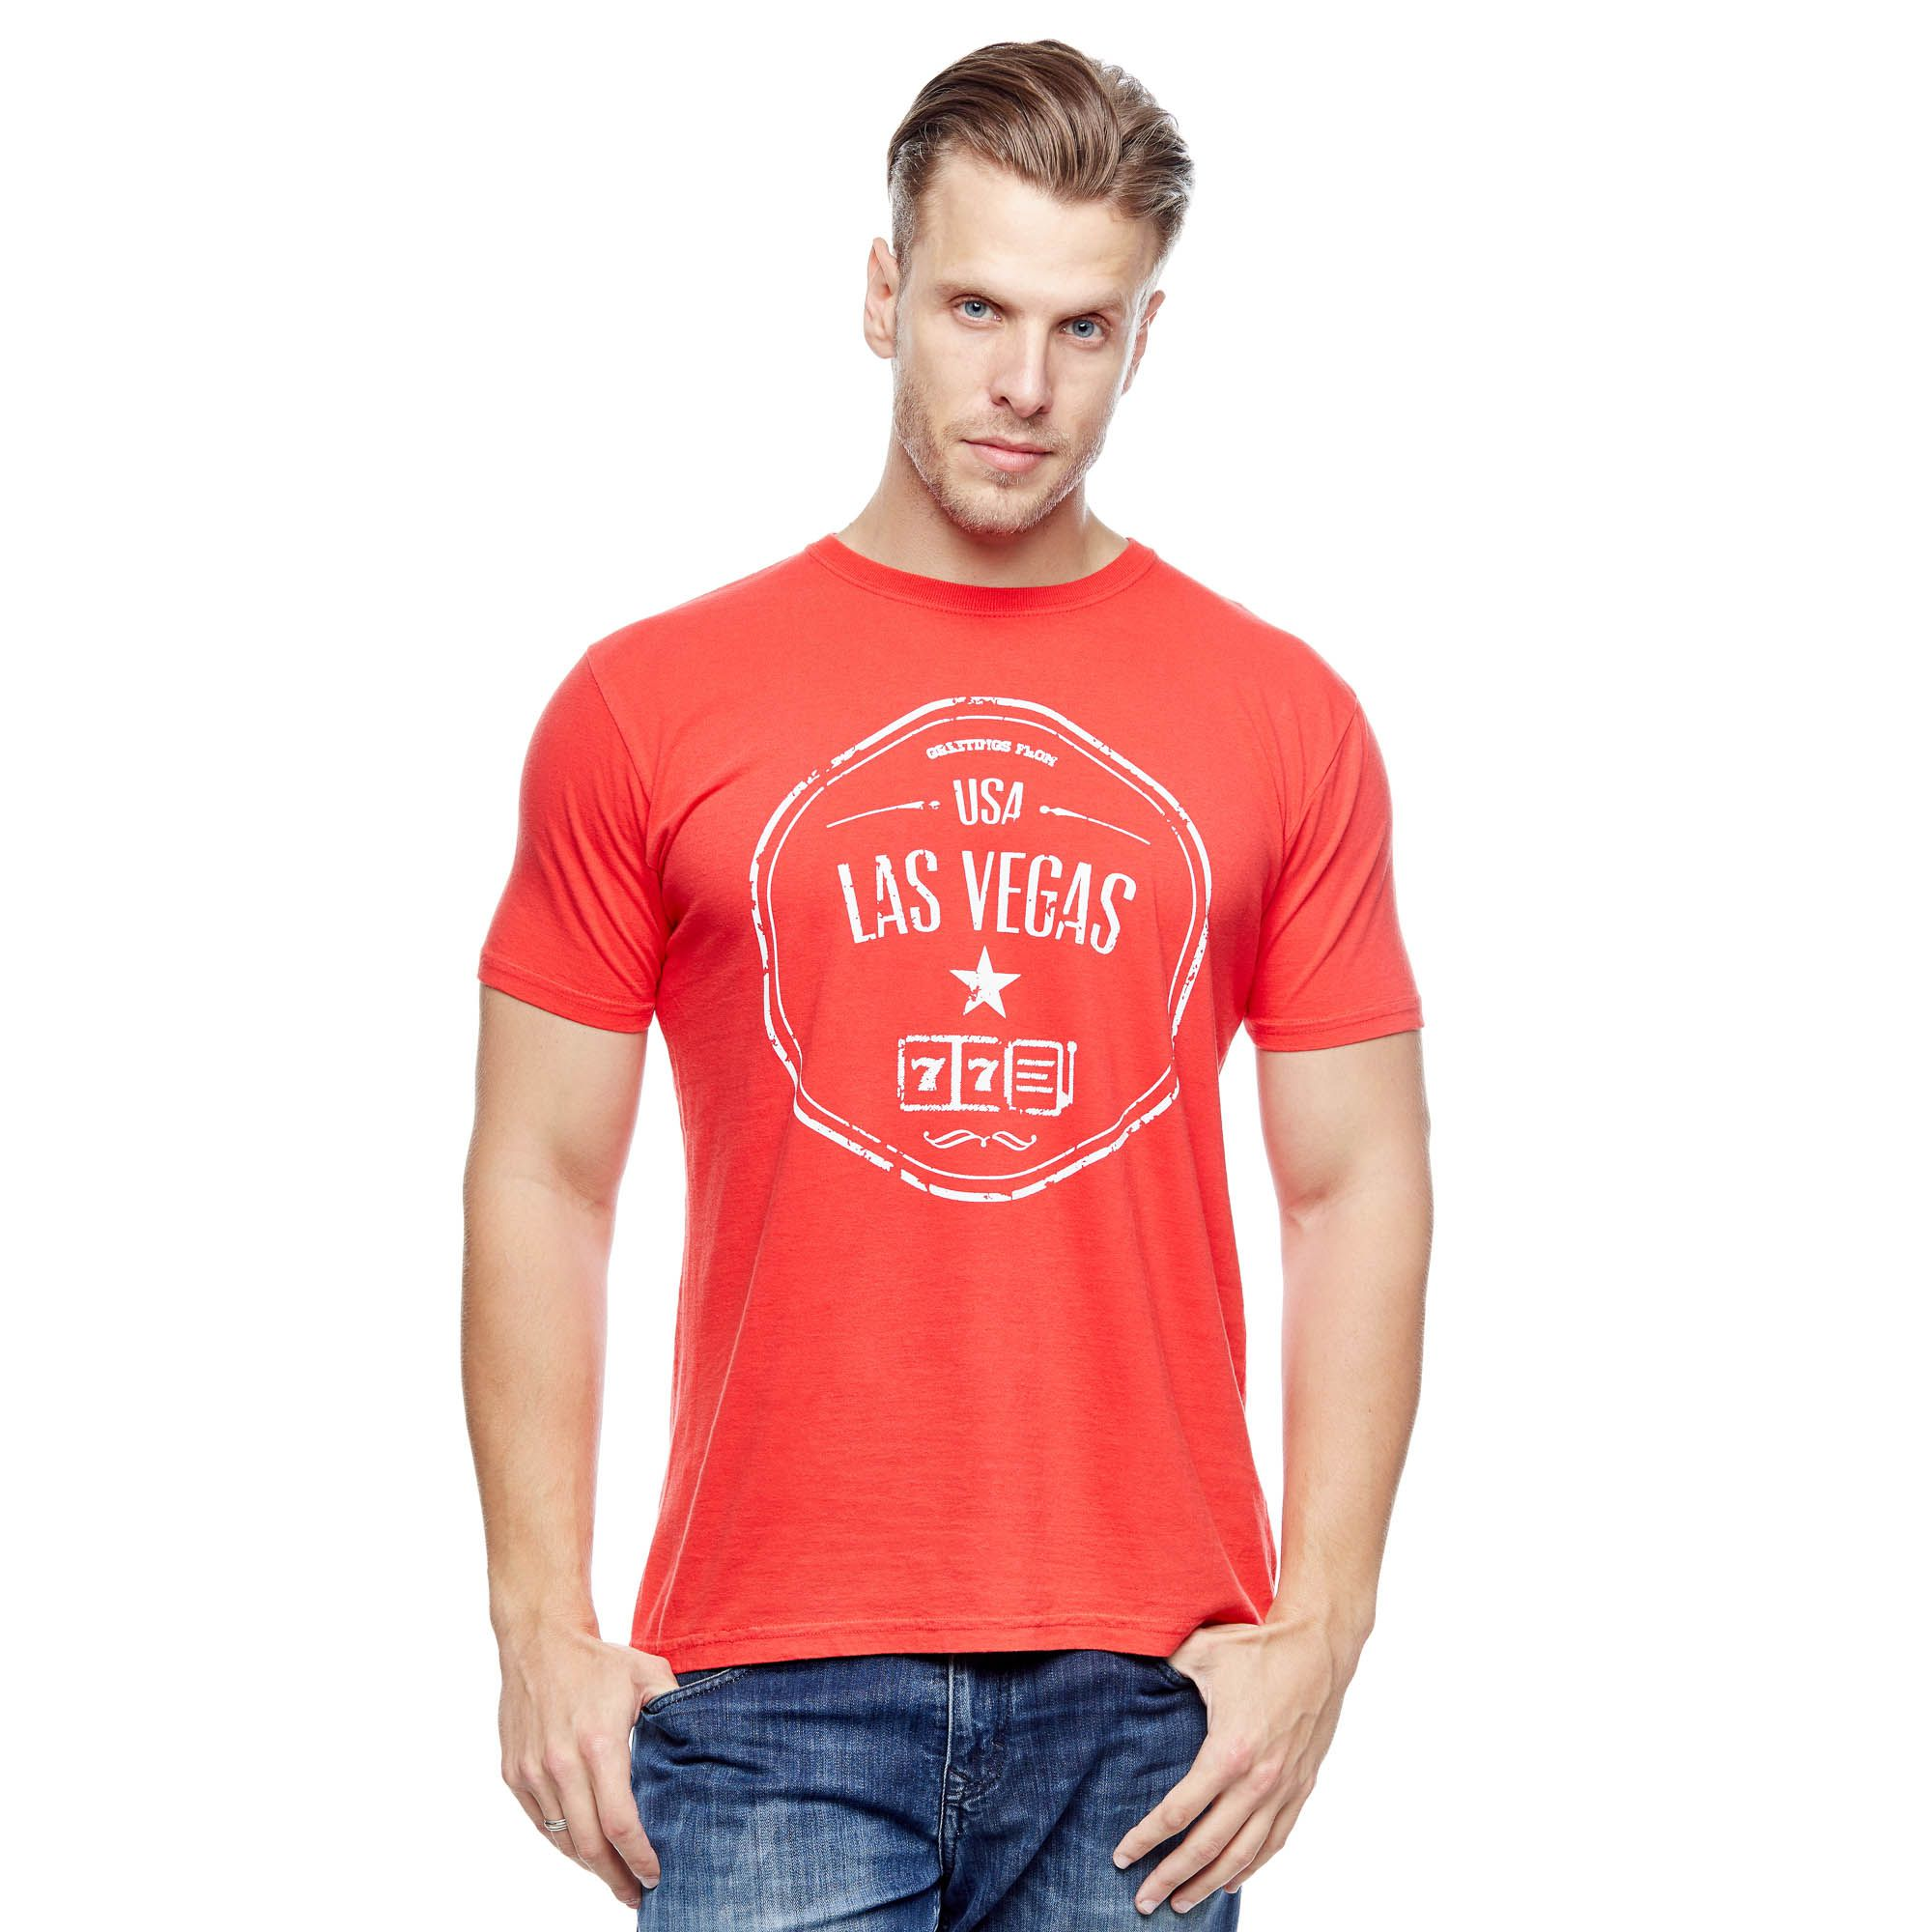 Camiseta Las Vegas Masculina Evolvee